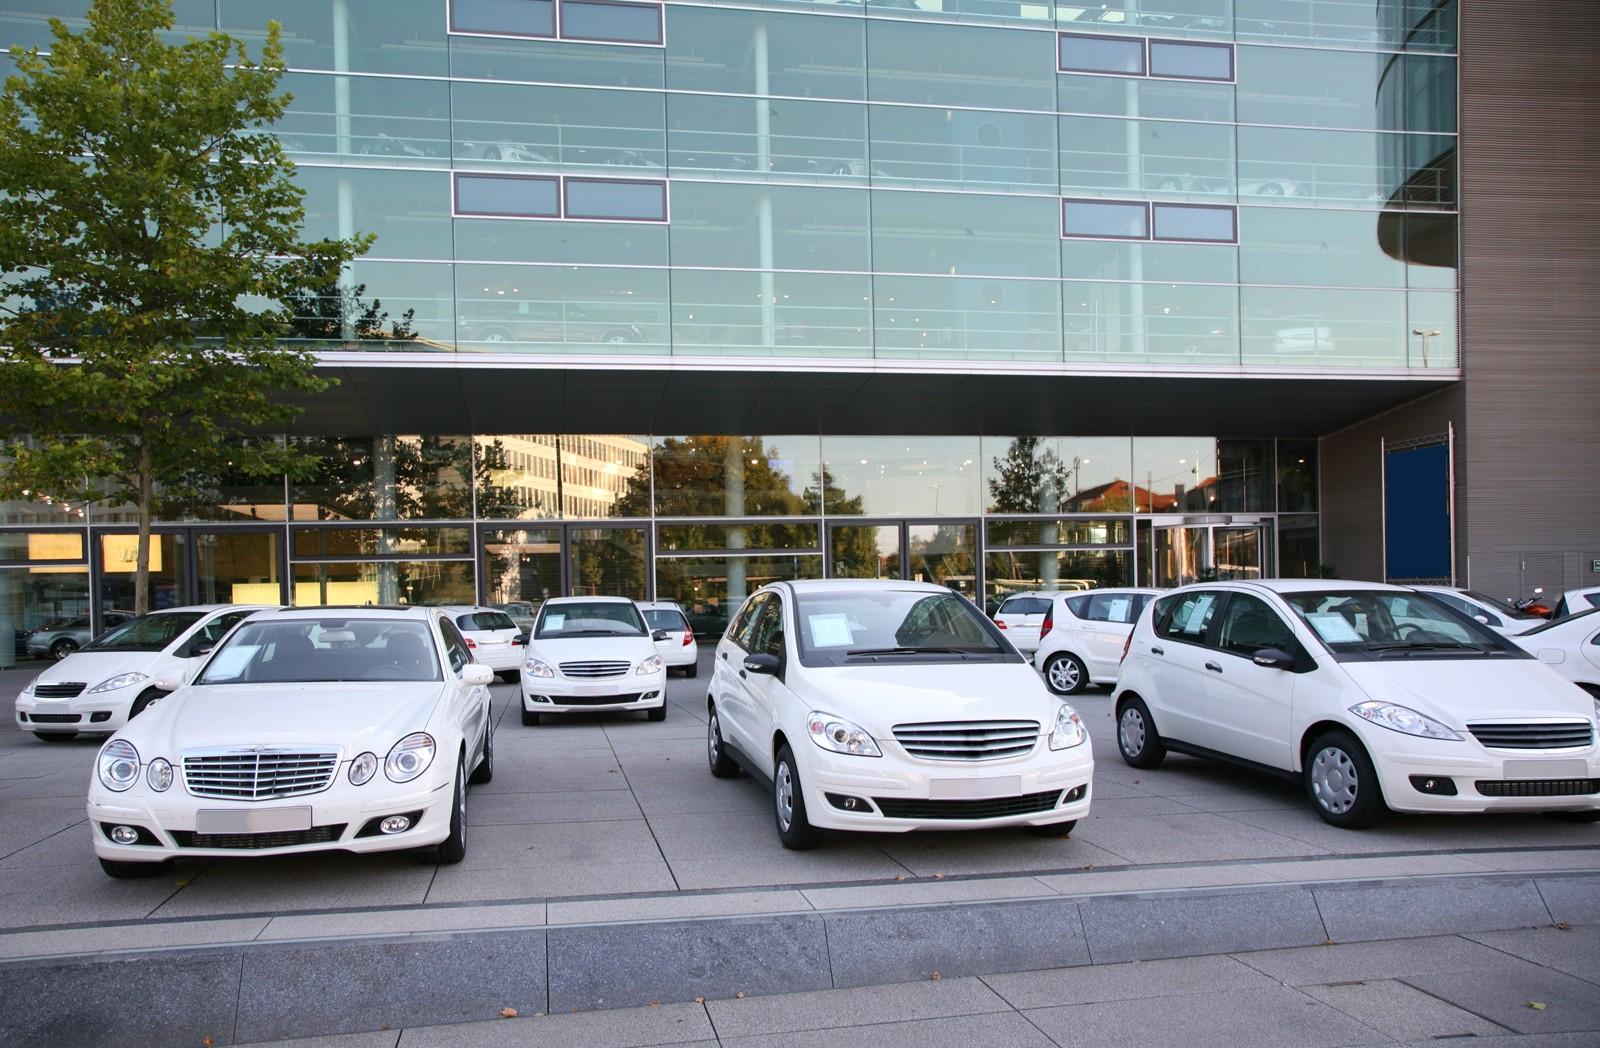 Авито Авто: продажи подержанных автомобилей премиум-сегмента выросли на 56%